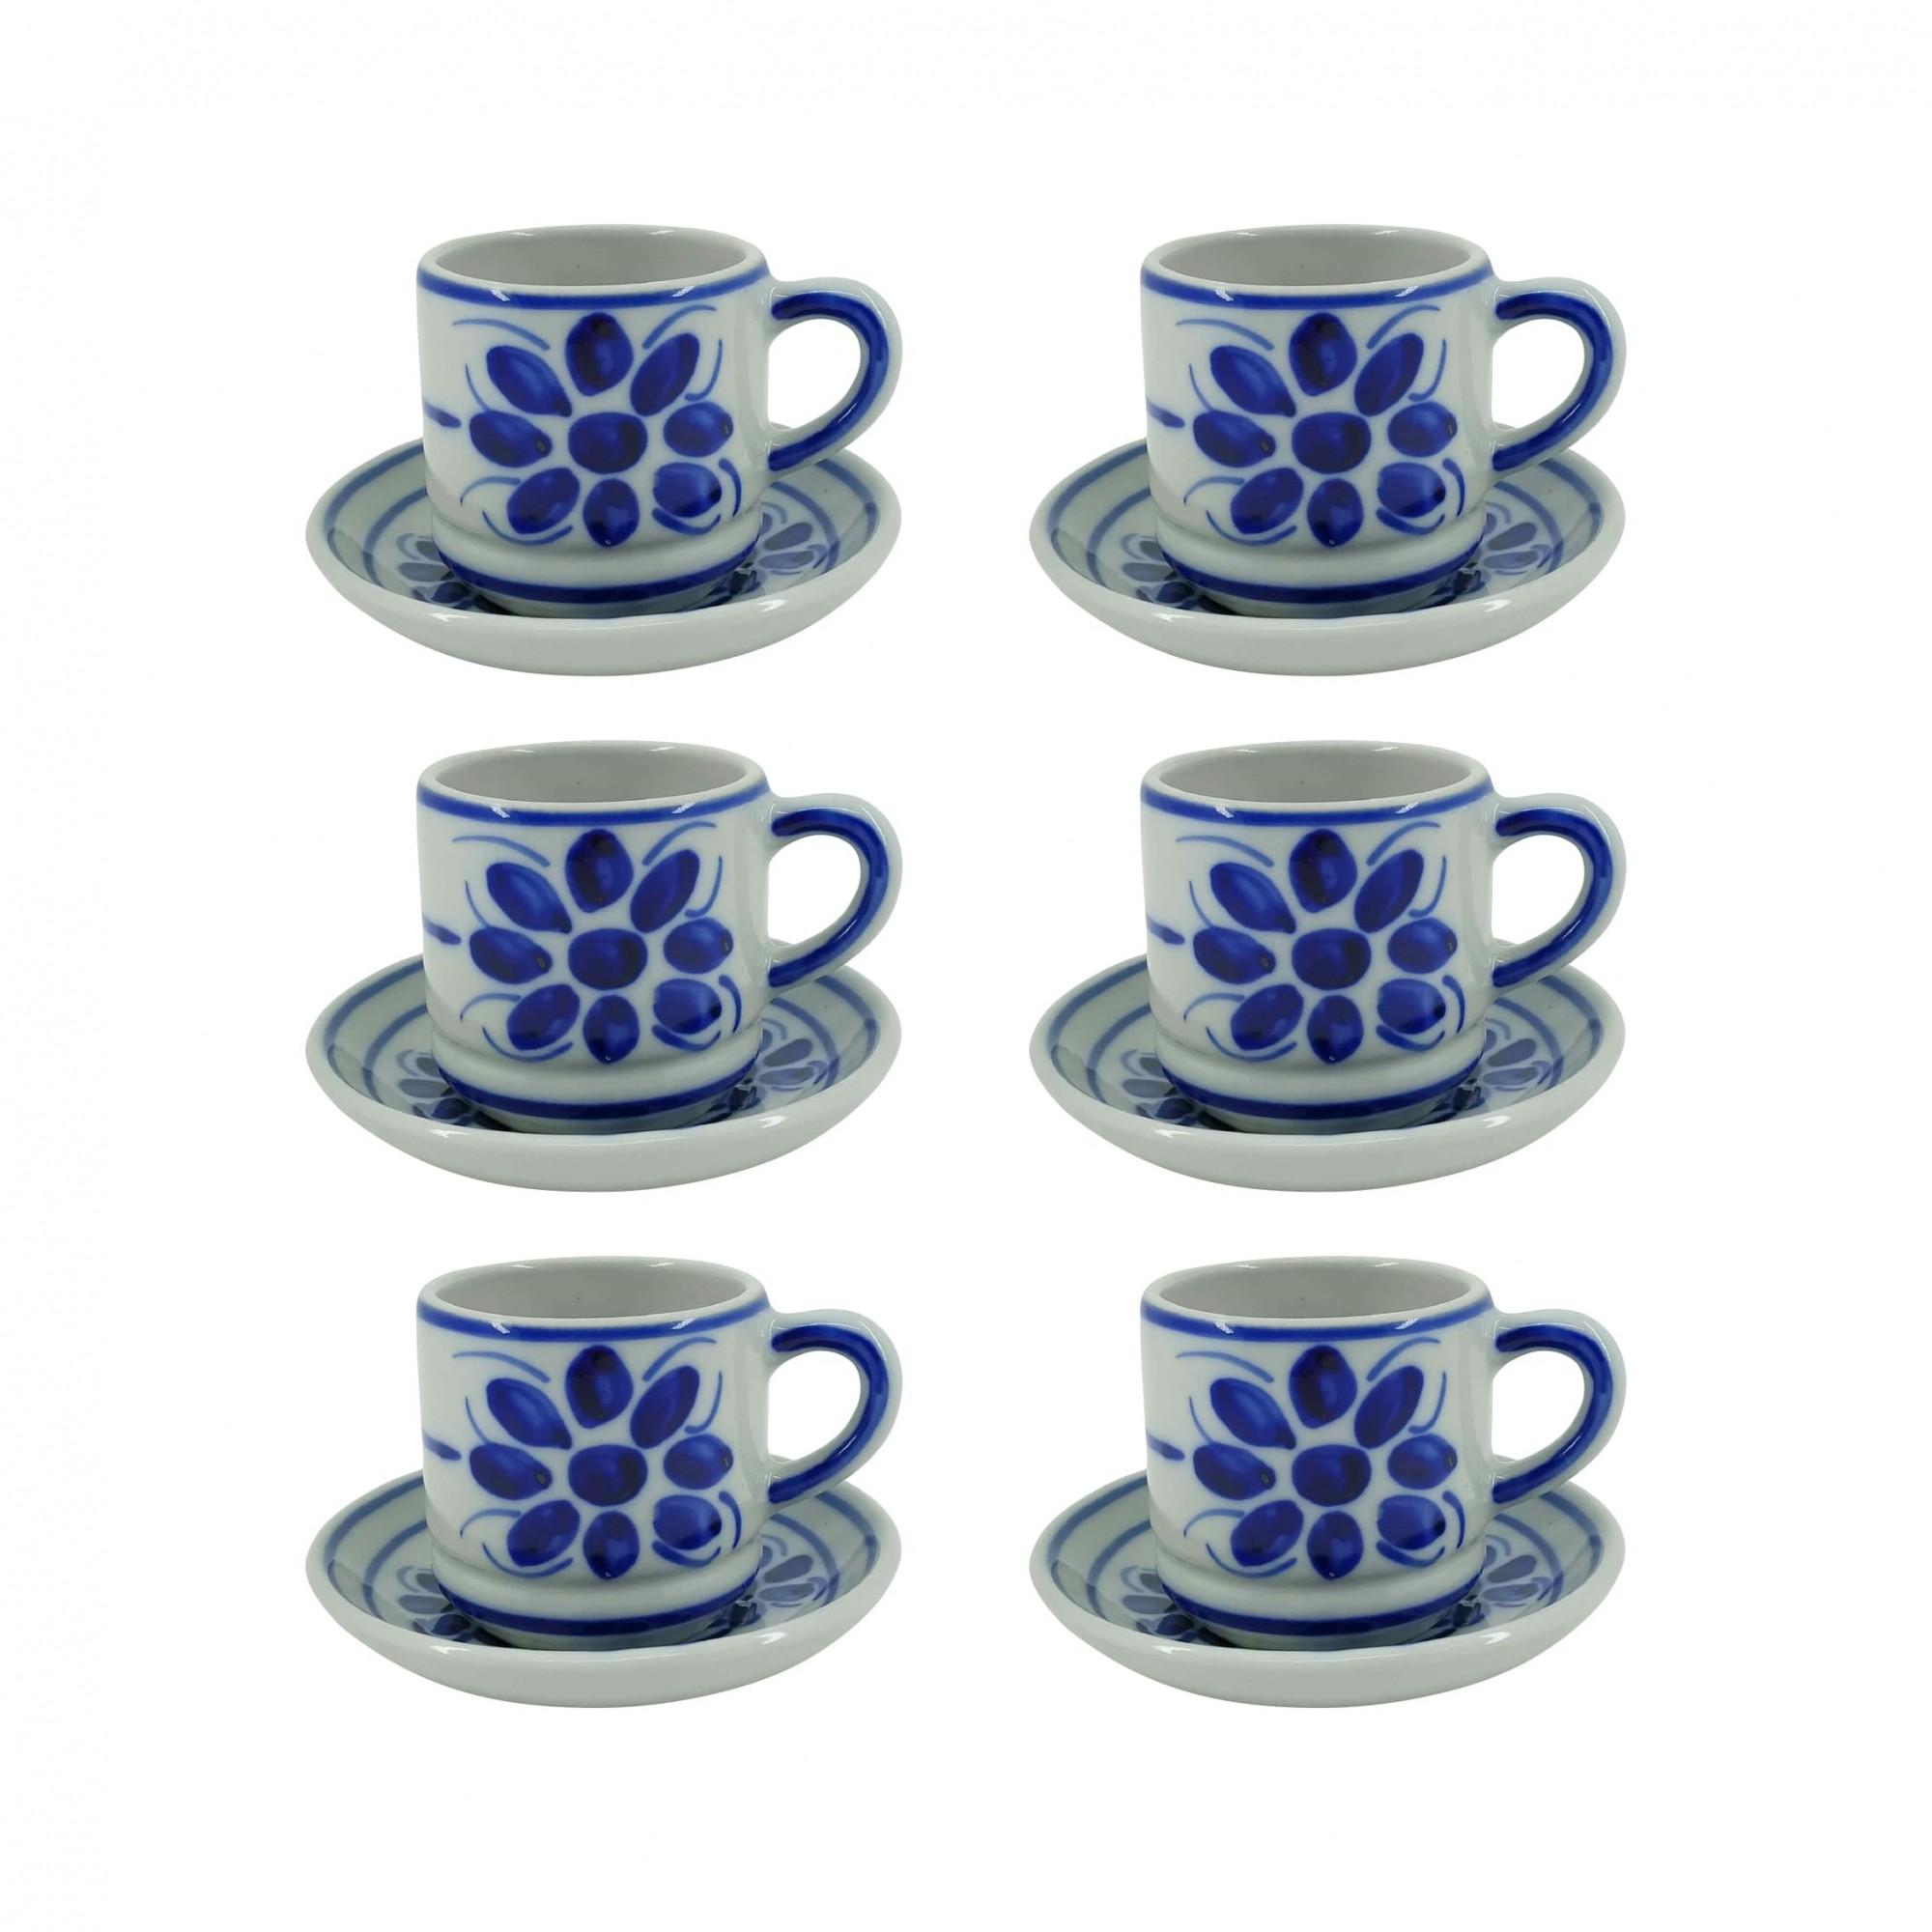 Jogo de 6 Xícaras de Café e Pires em Porcelana Azul Floral 80 ml